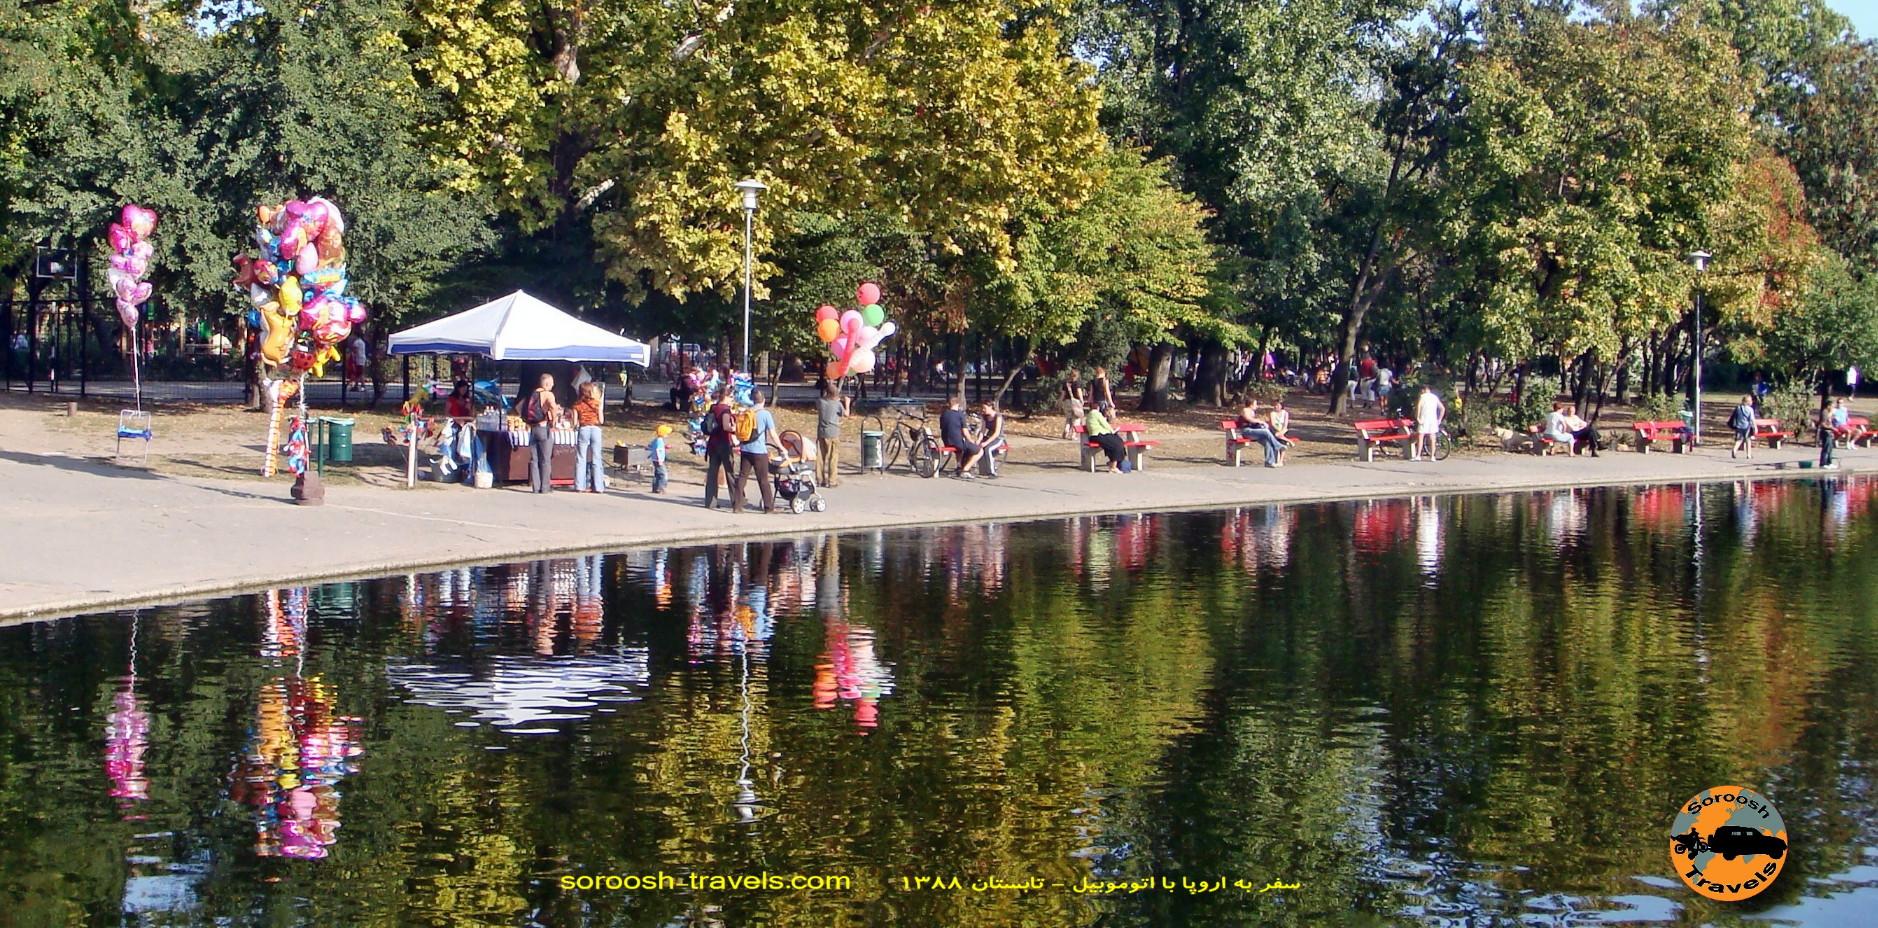 05-mehr-1388-27-september-2009-budapest-18